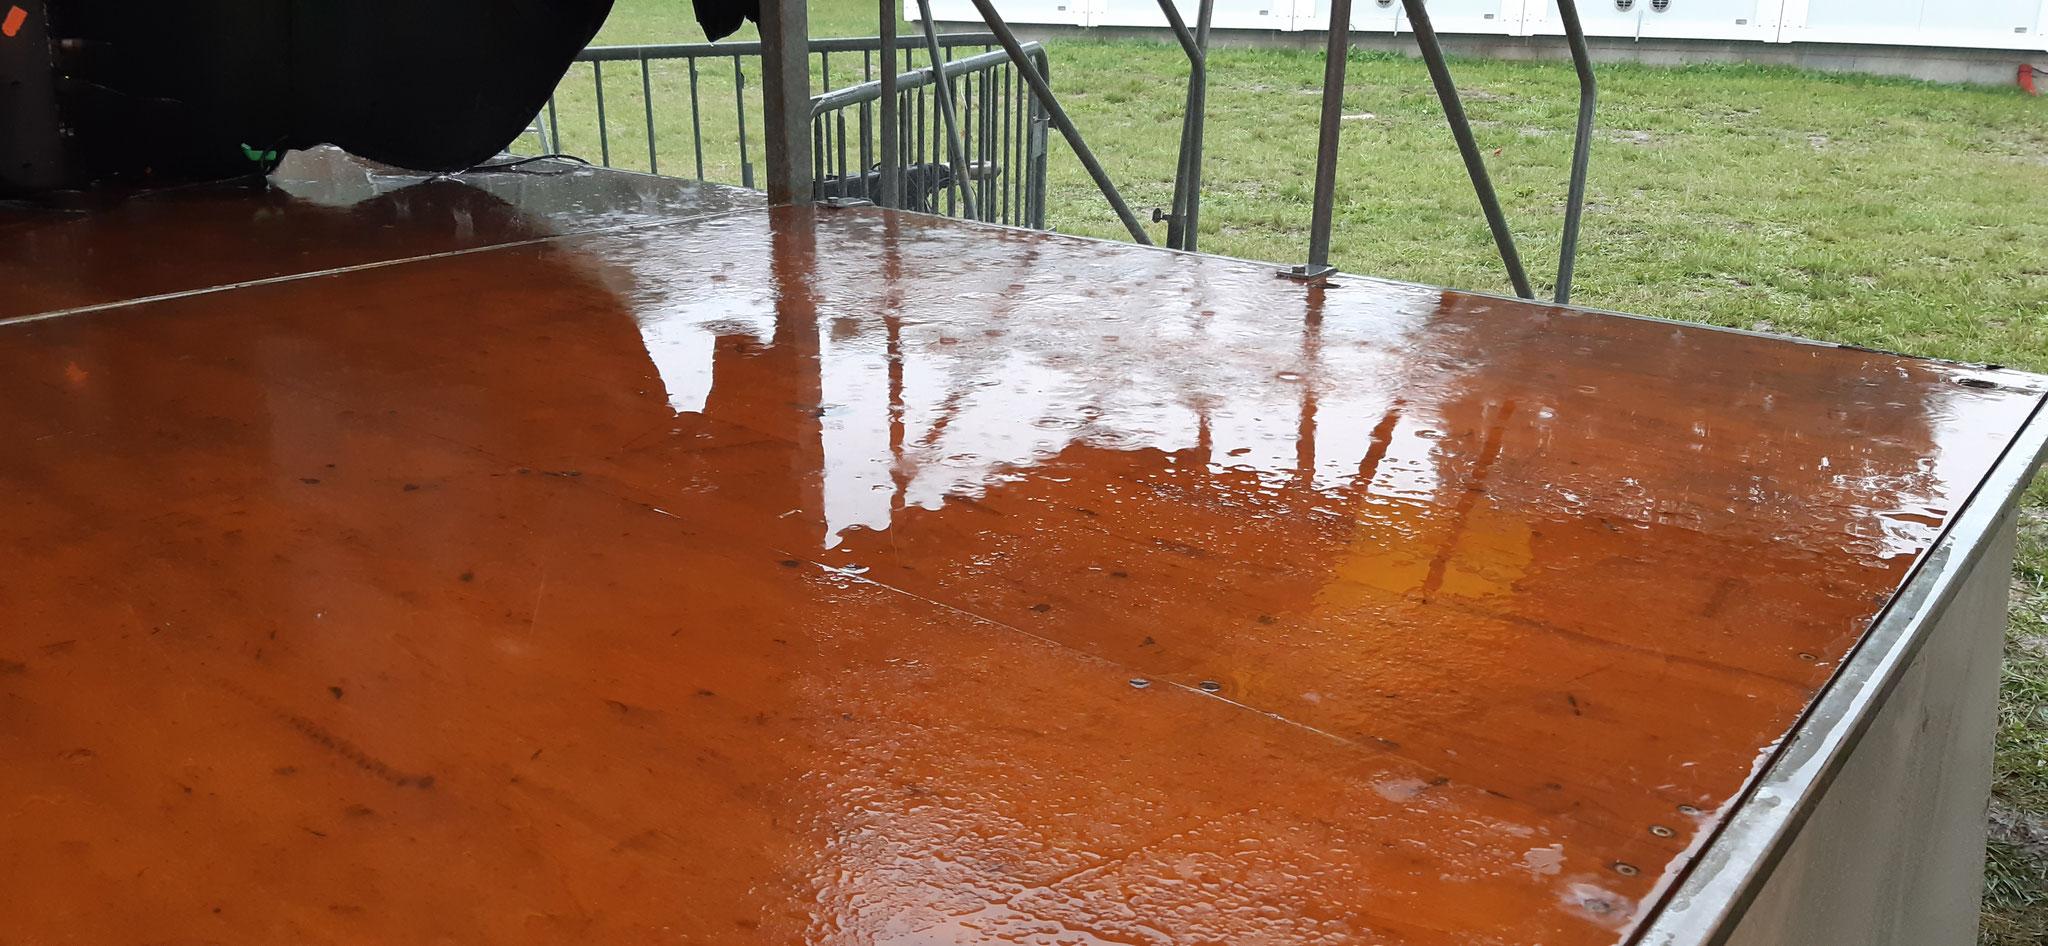 ... de la pluie (c) JDR)